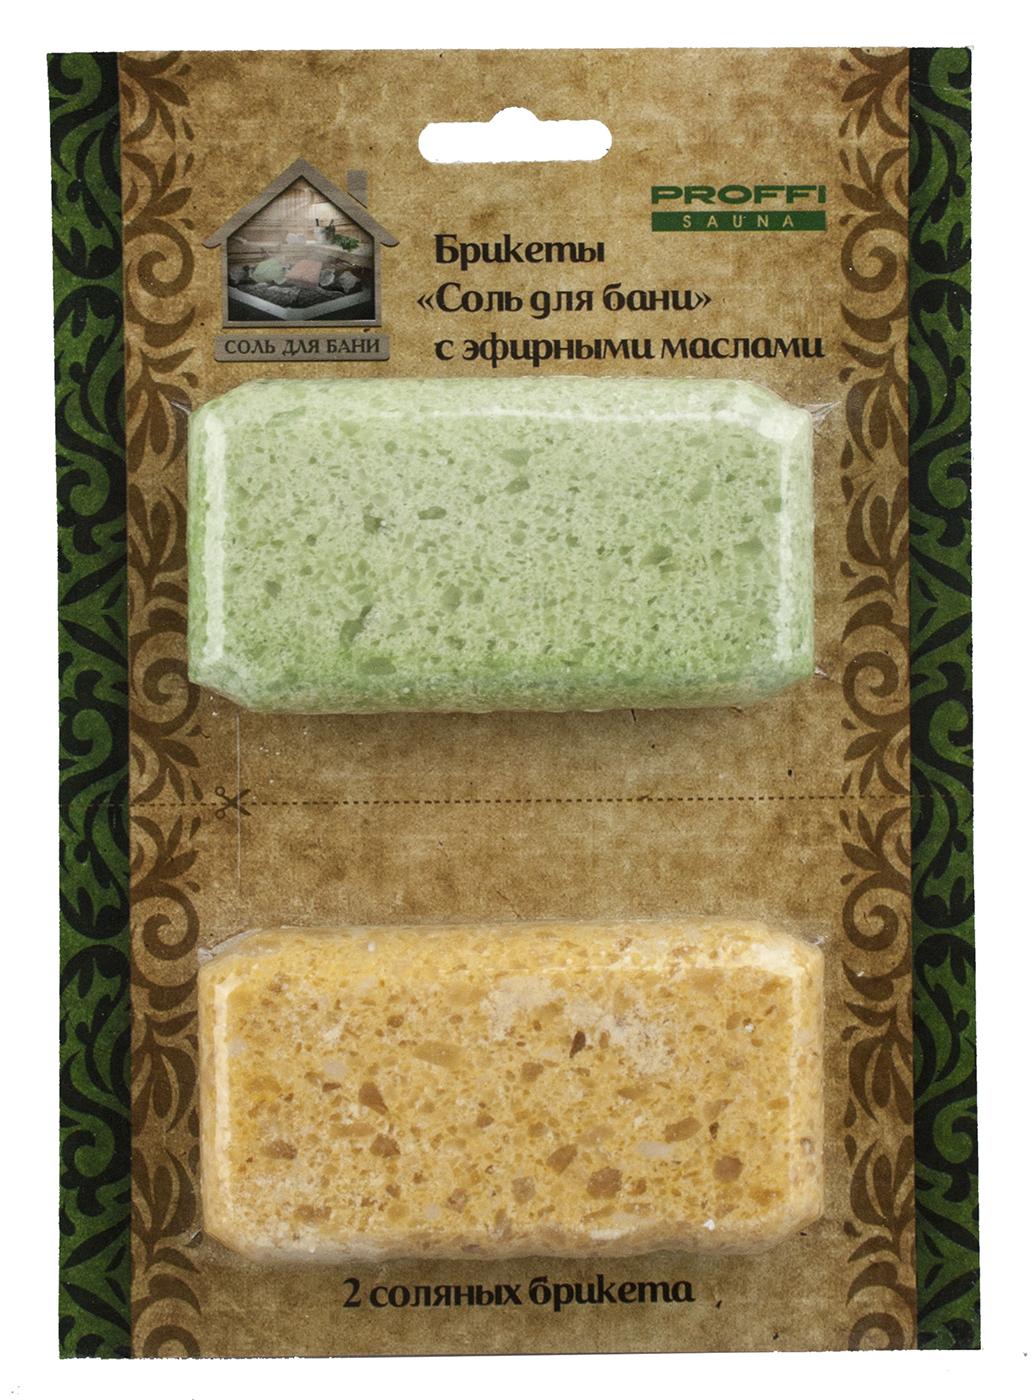 Соль в брикетах для бани и сауны: как пользоваться соляными брикетами? польза и вред, гималайская соль в брикетах и другая